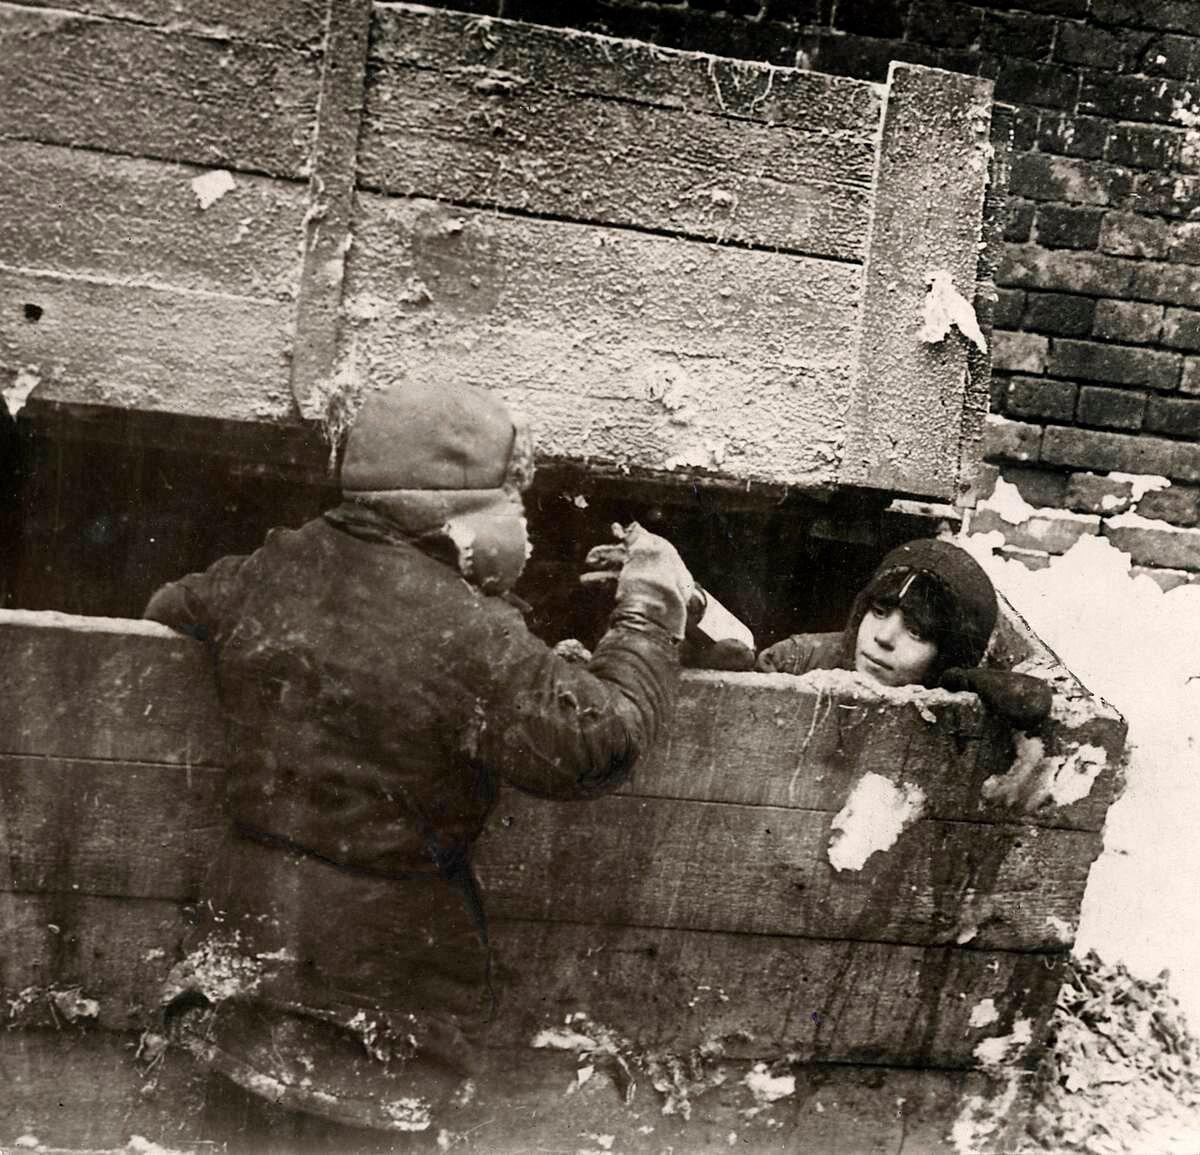 1924. Беспризорные дети живущие в обледеневшем подвале